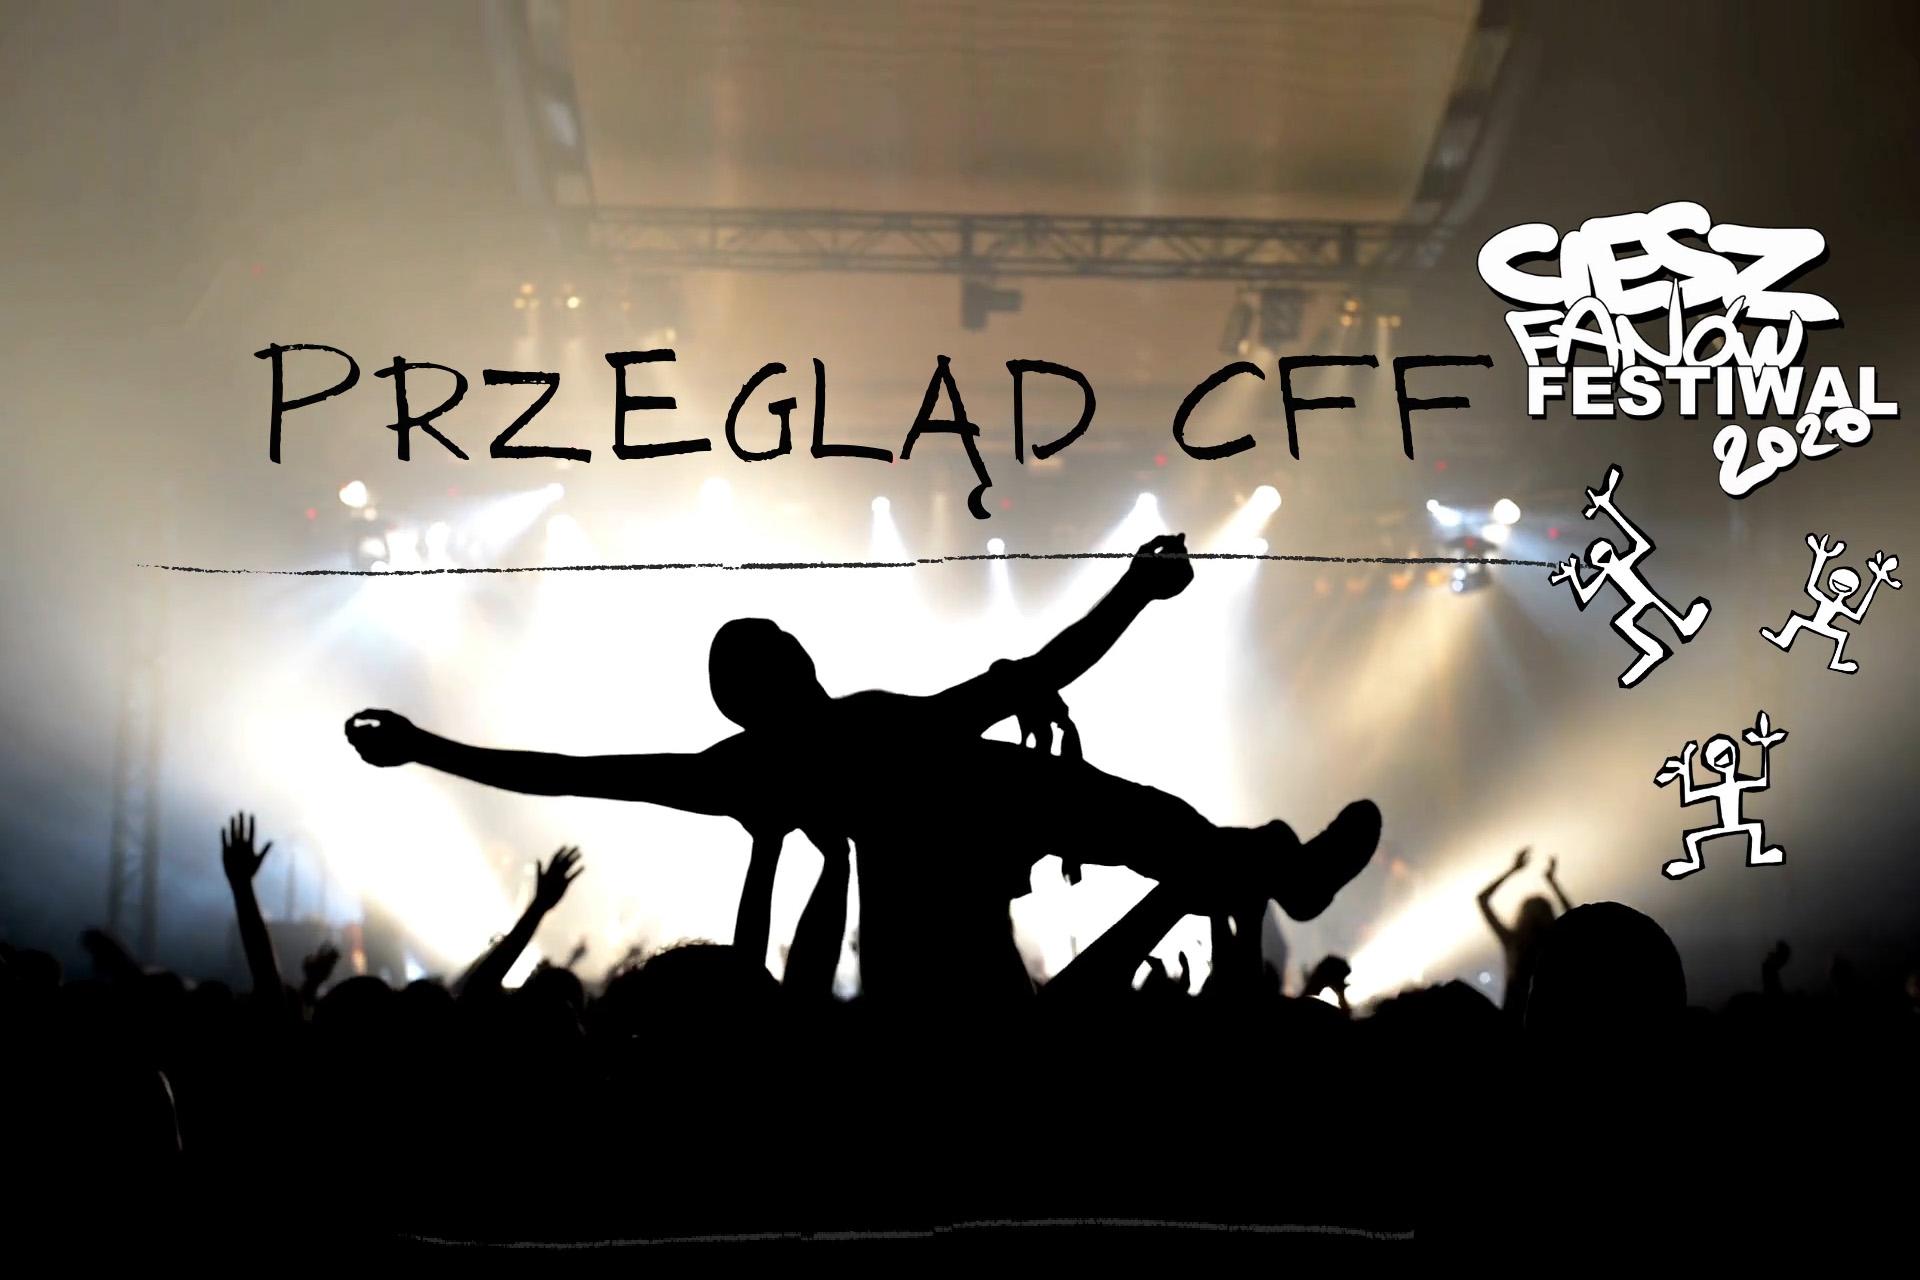 Rusza Przegląd Ciesz Fanów Festiwal